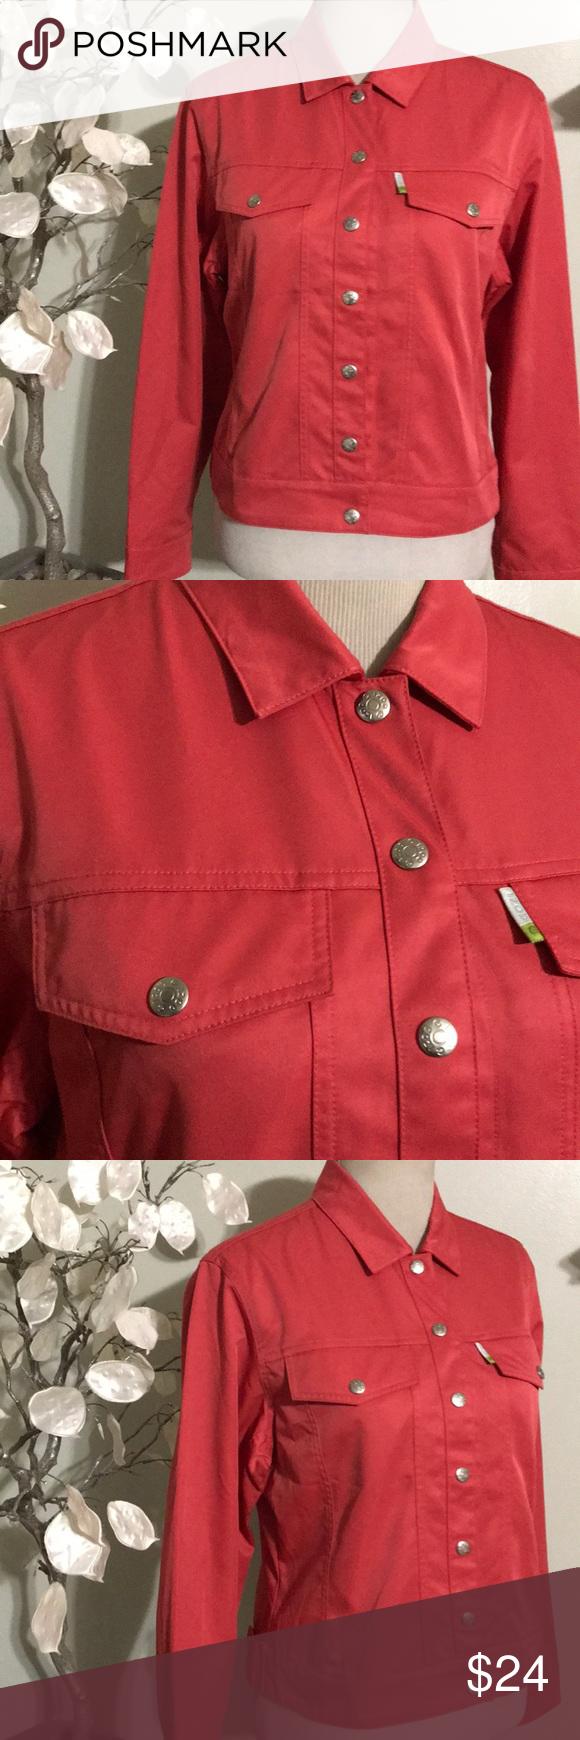 Izod Jacket Jackets Clothes Design Coats Jackets Women [ 1740 x 580 Pixel ]